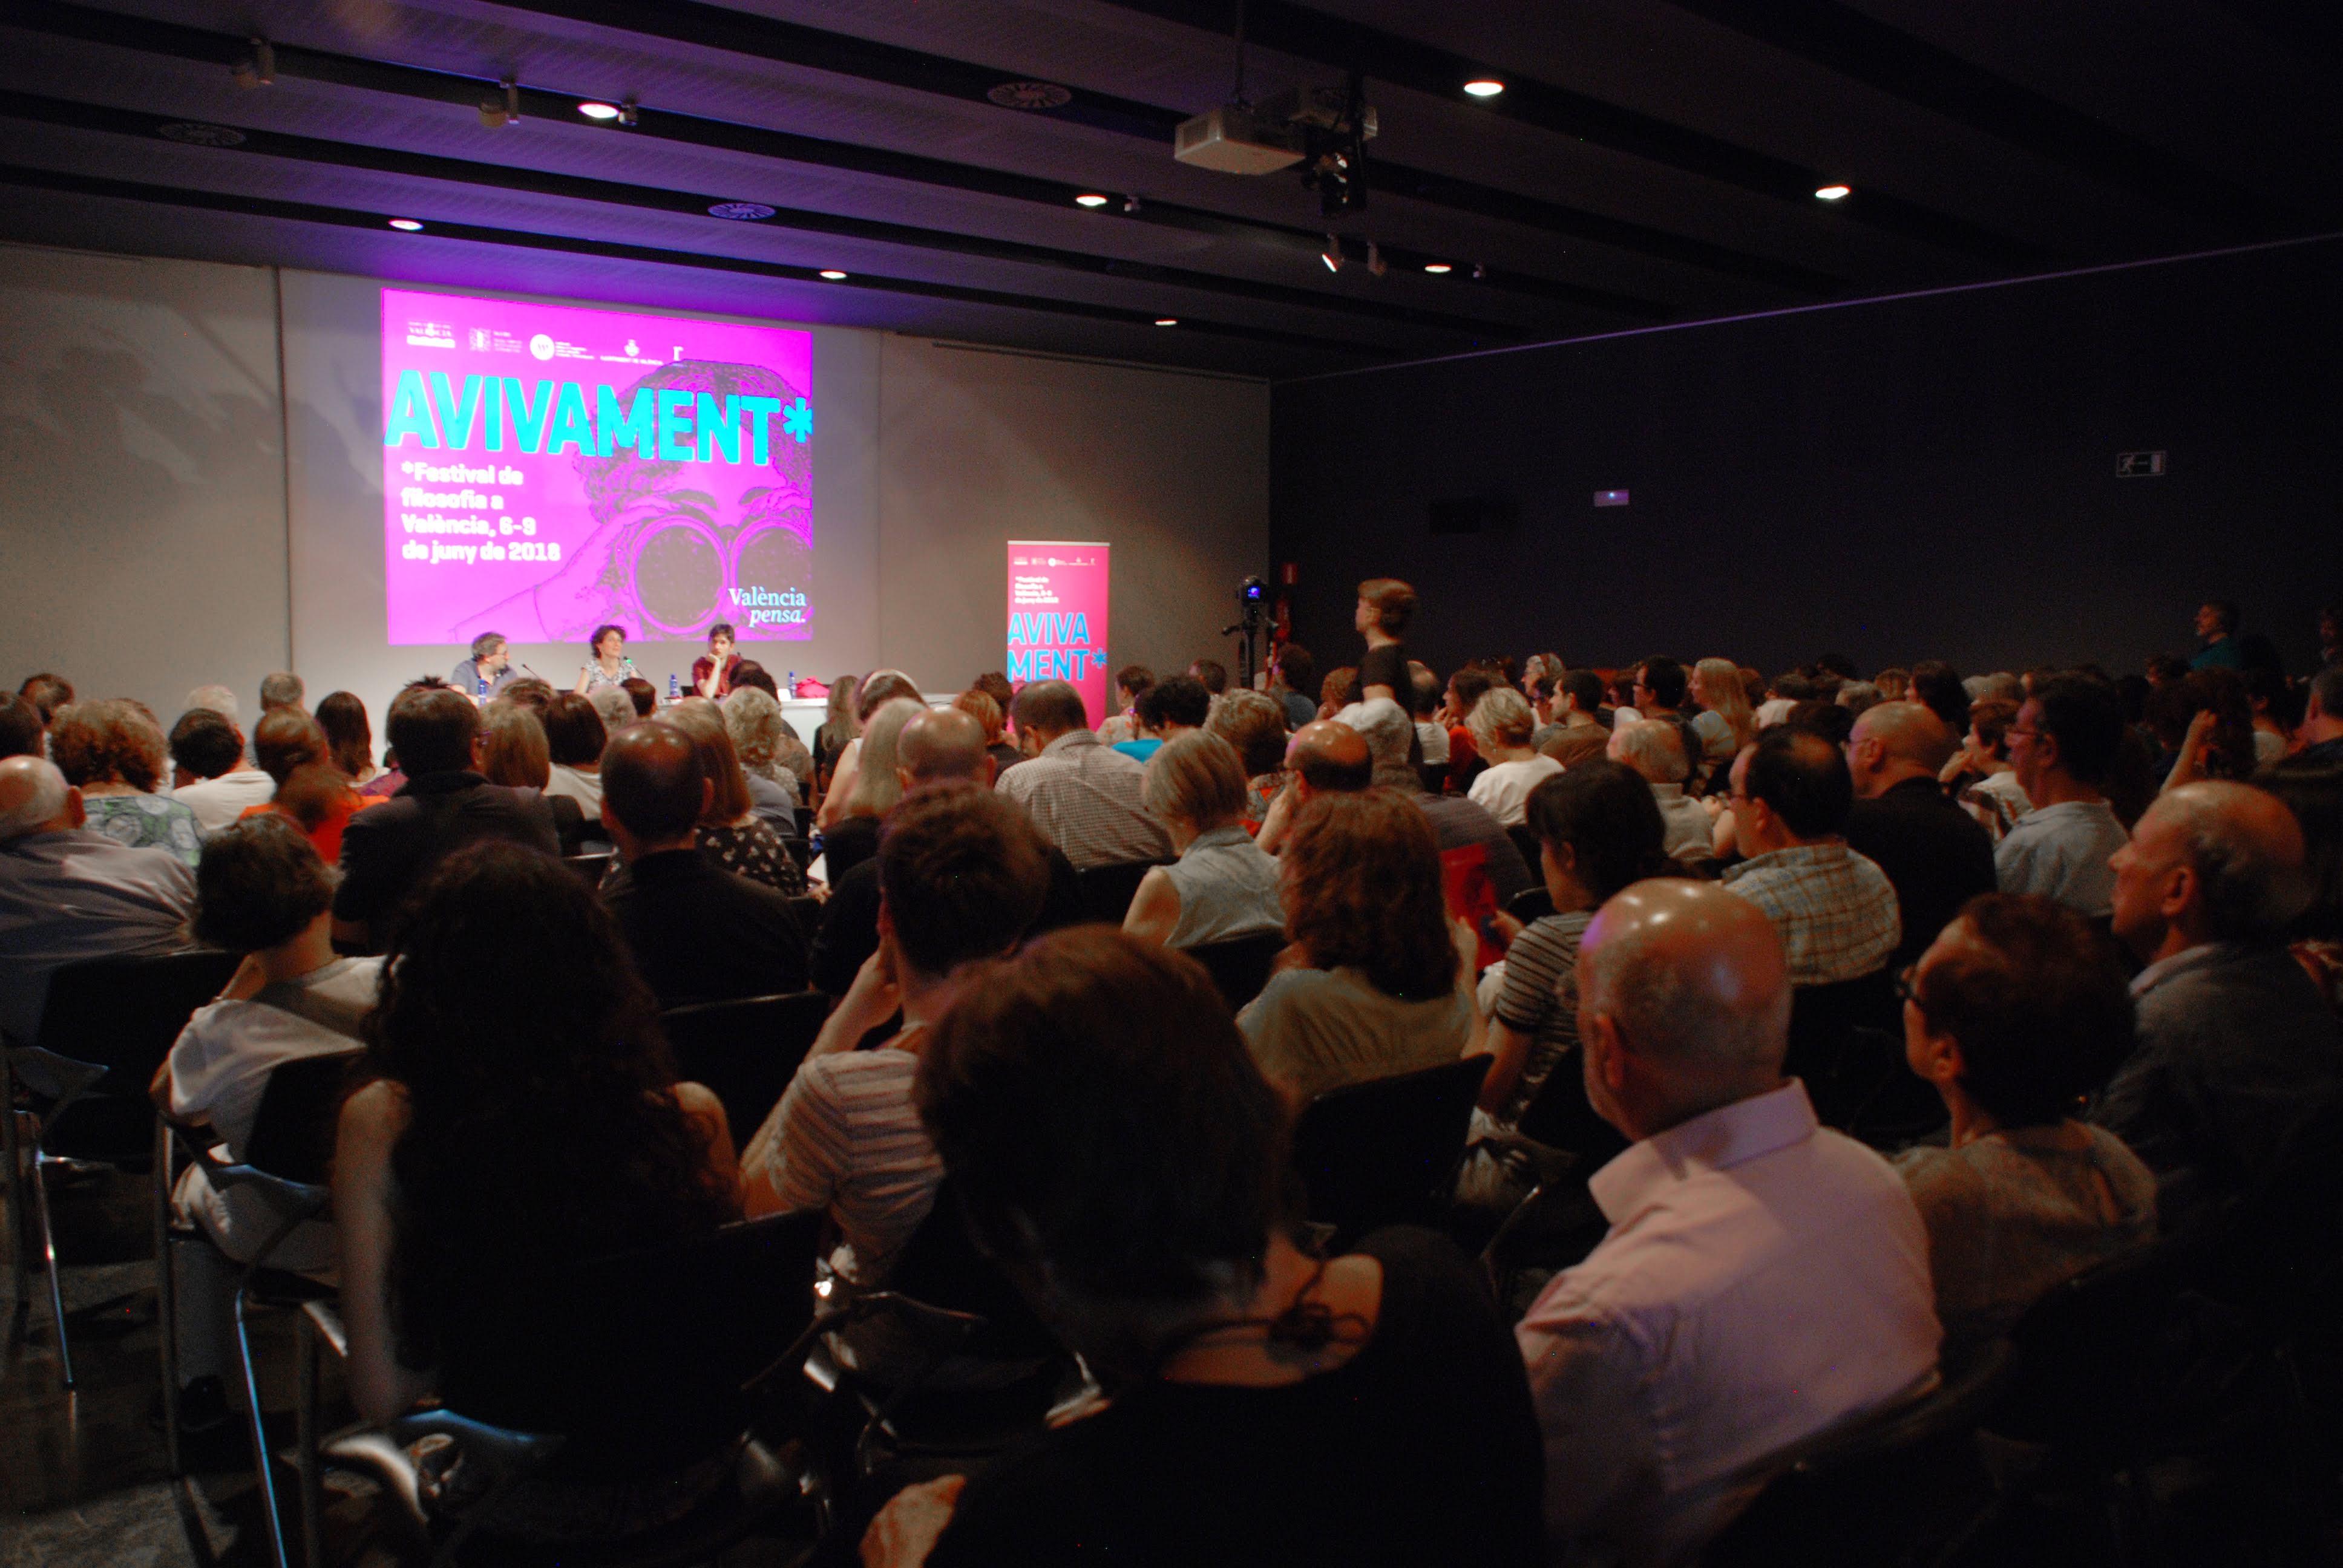 Mesa redonda ¿Es el feminismo el marxismo del siglo XXI?: Cristina Fallarás y Jesús García Cívico | MuVIM, 7 junio 2019, 20 h. #Avivament2019 #Streaming